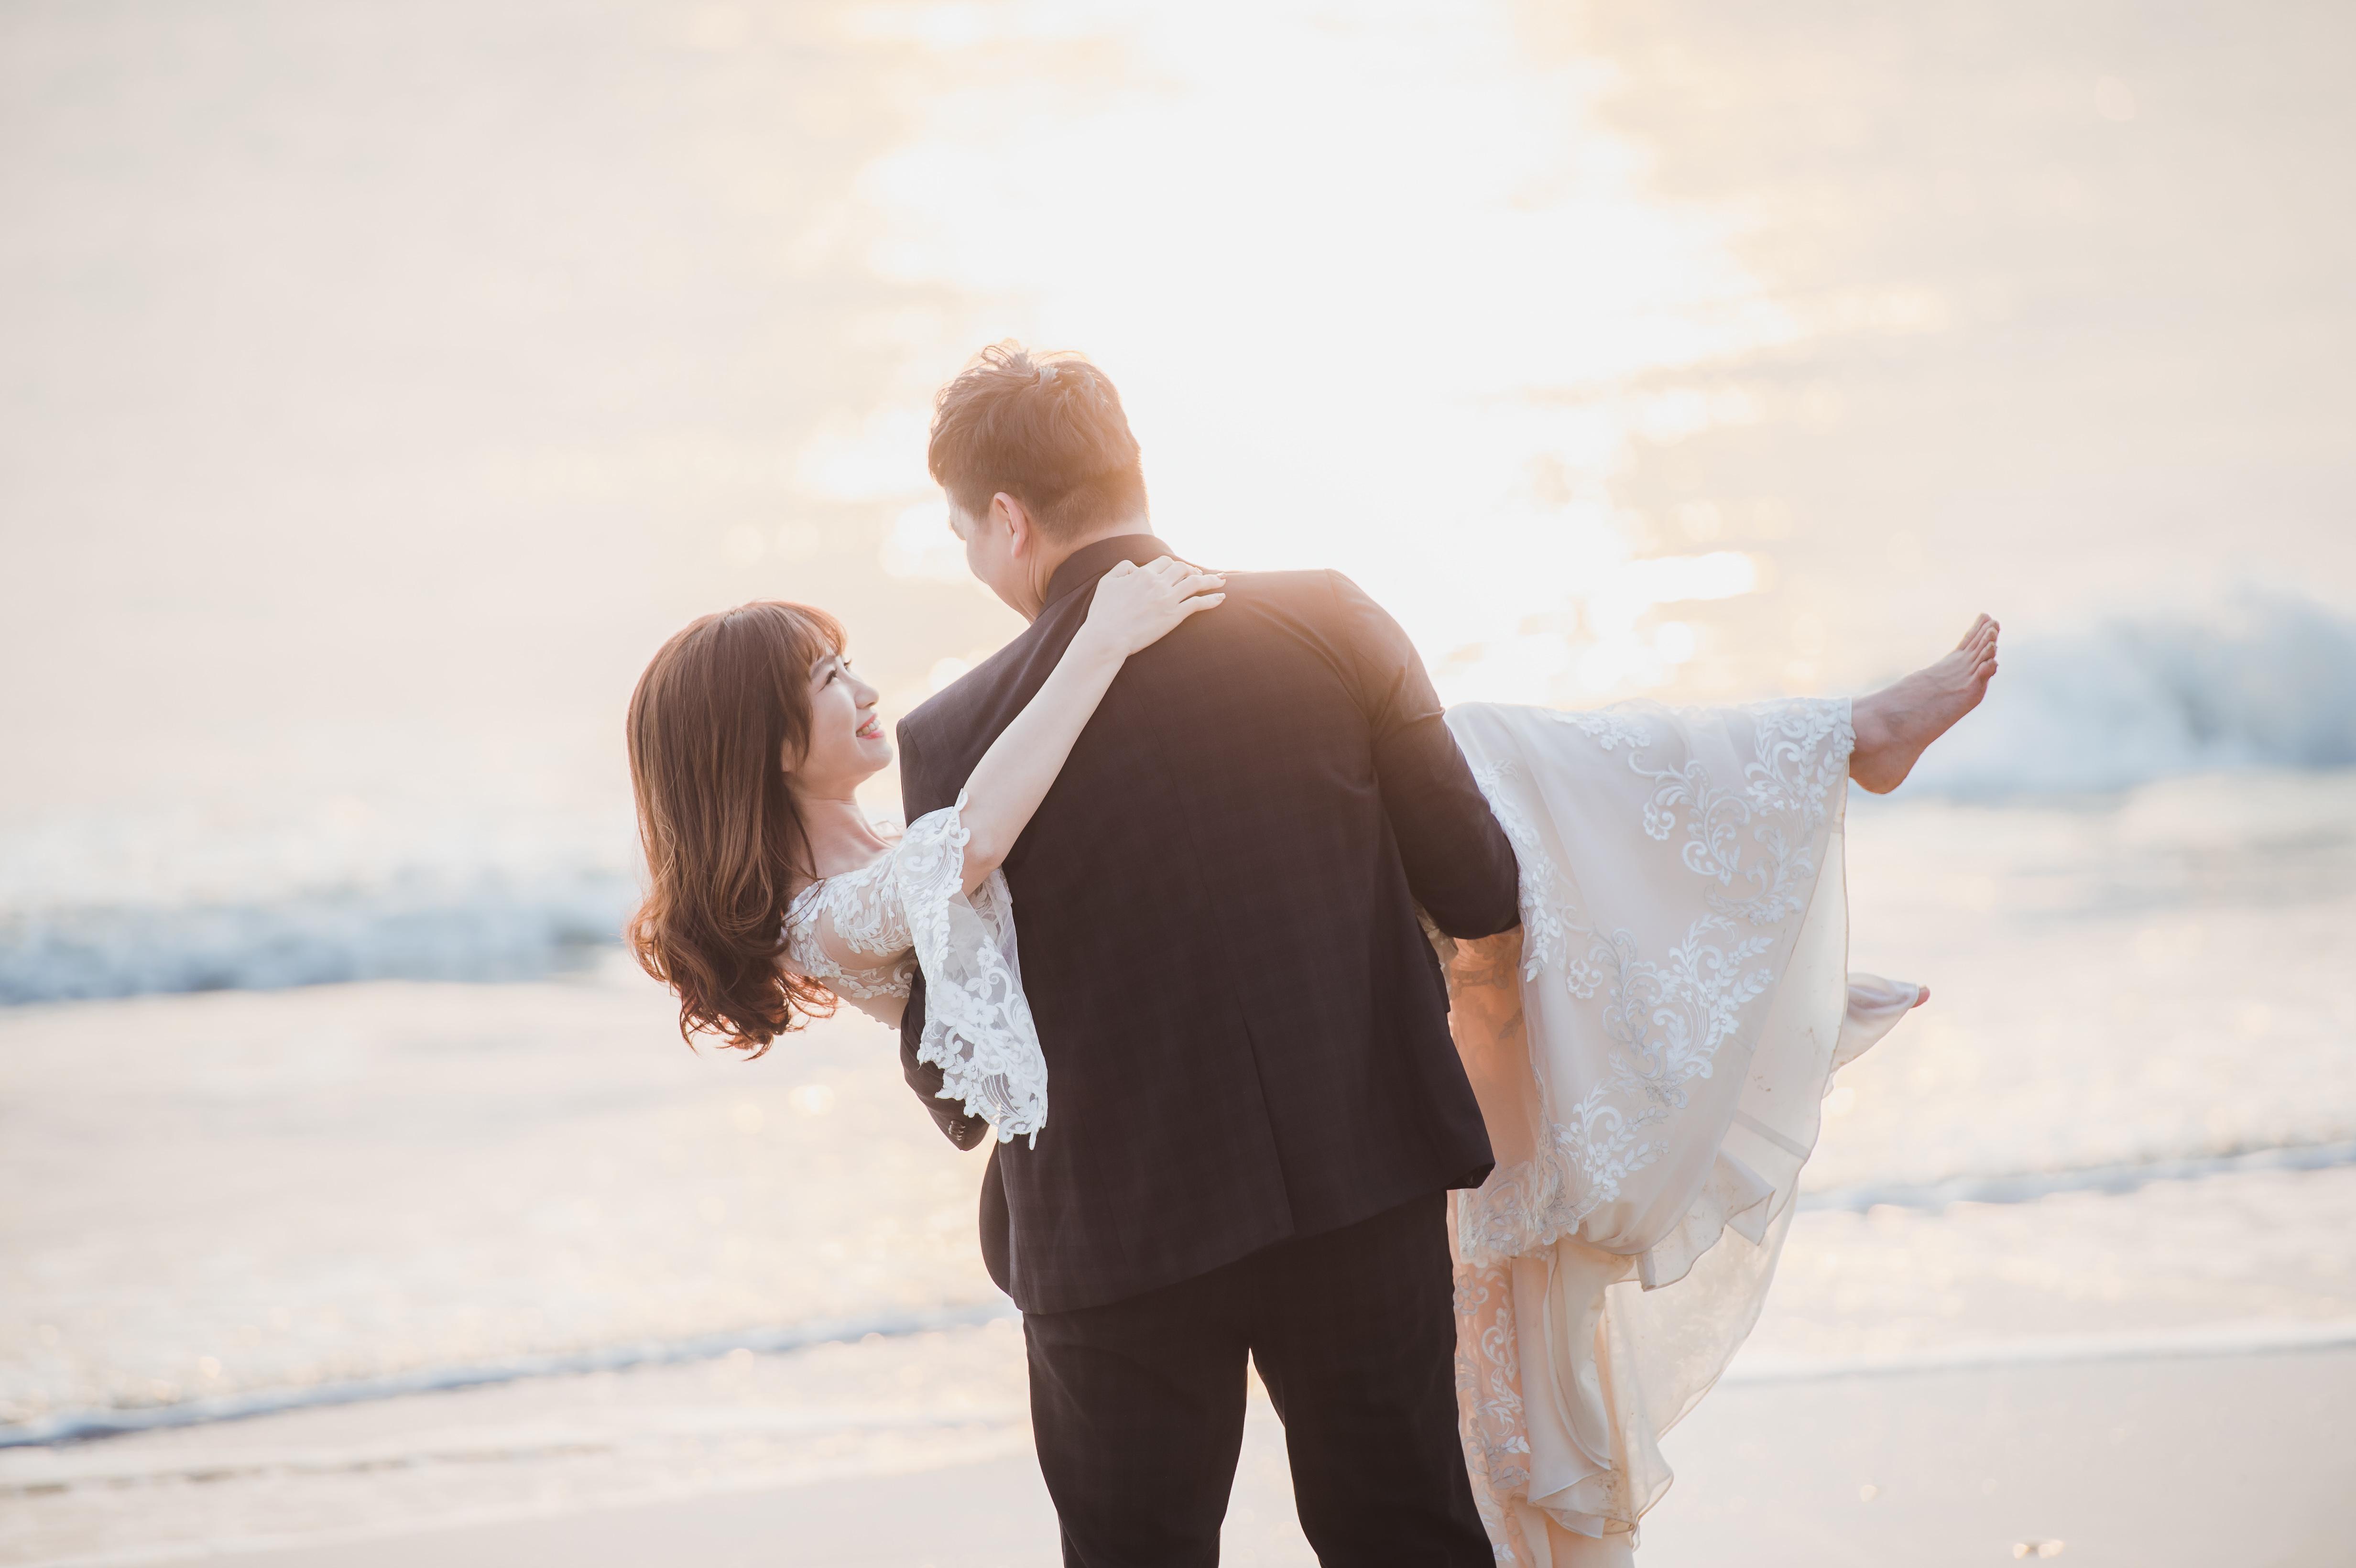 大青蛙金門婚紗,愛瑞思手工婚紗,新莊婚紗攝影工作室,禮服出租